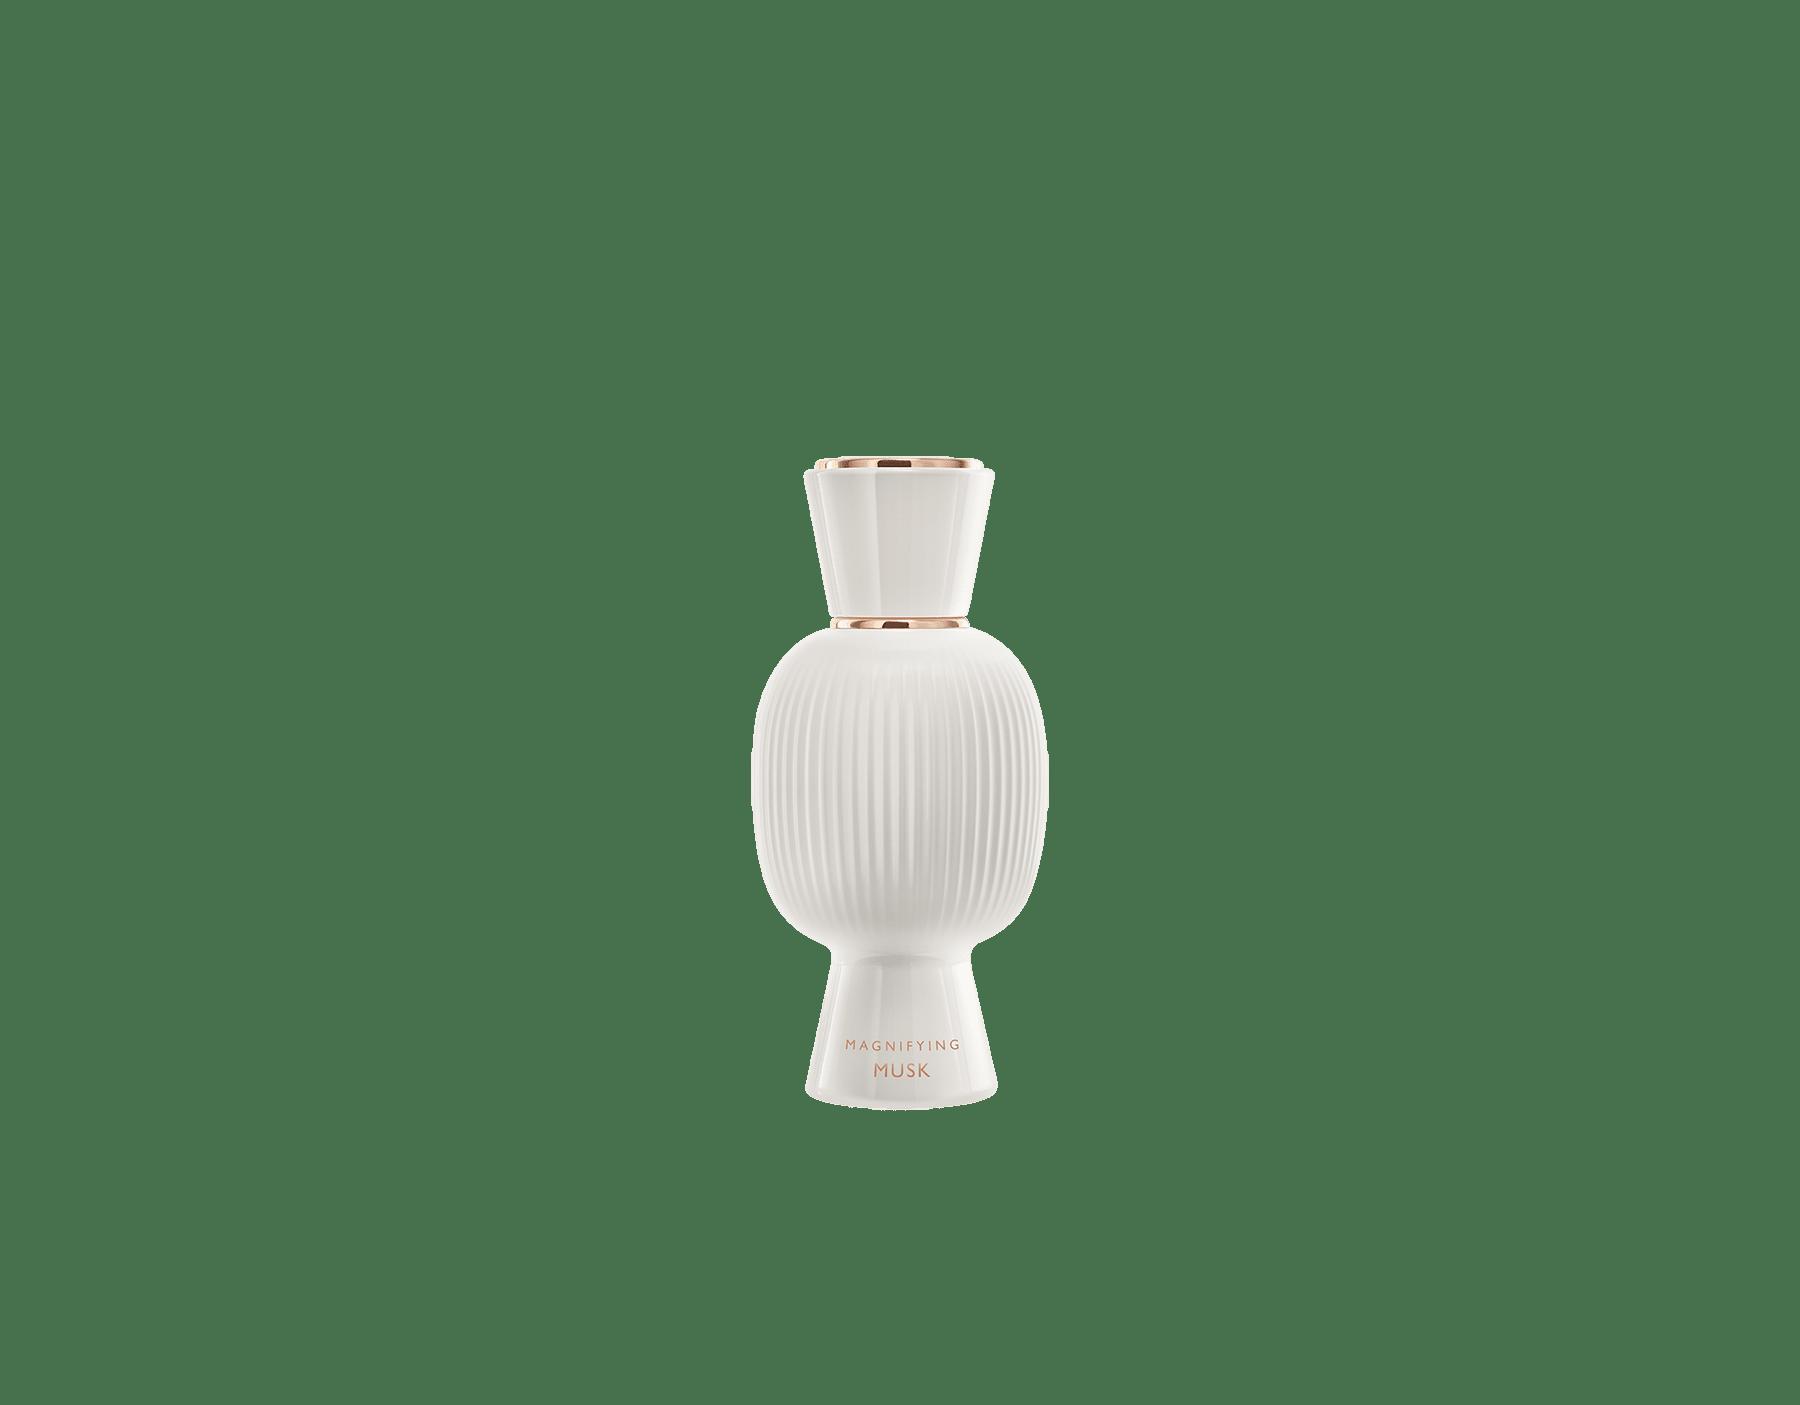 Un coffret de parfums exclusif, aussi unique et audacieux que vous. Pétillante et riche en agrumes, l'Eau de Parfum Allegra Riva Solare se mêle à la chaleur de l'essence du Magnifying Musk pour donner vie à une irrésistible fragrance personnalisée.  Perfume-Set-Riva-Solare-Eau-de-Parfum-and-Musk-Magnifying image 3